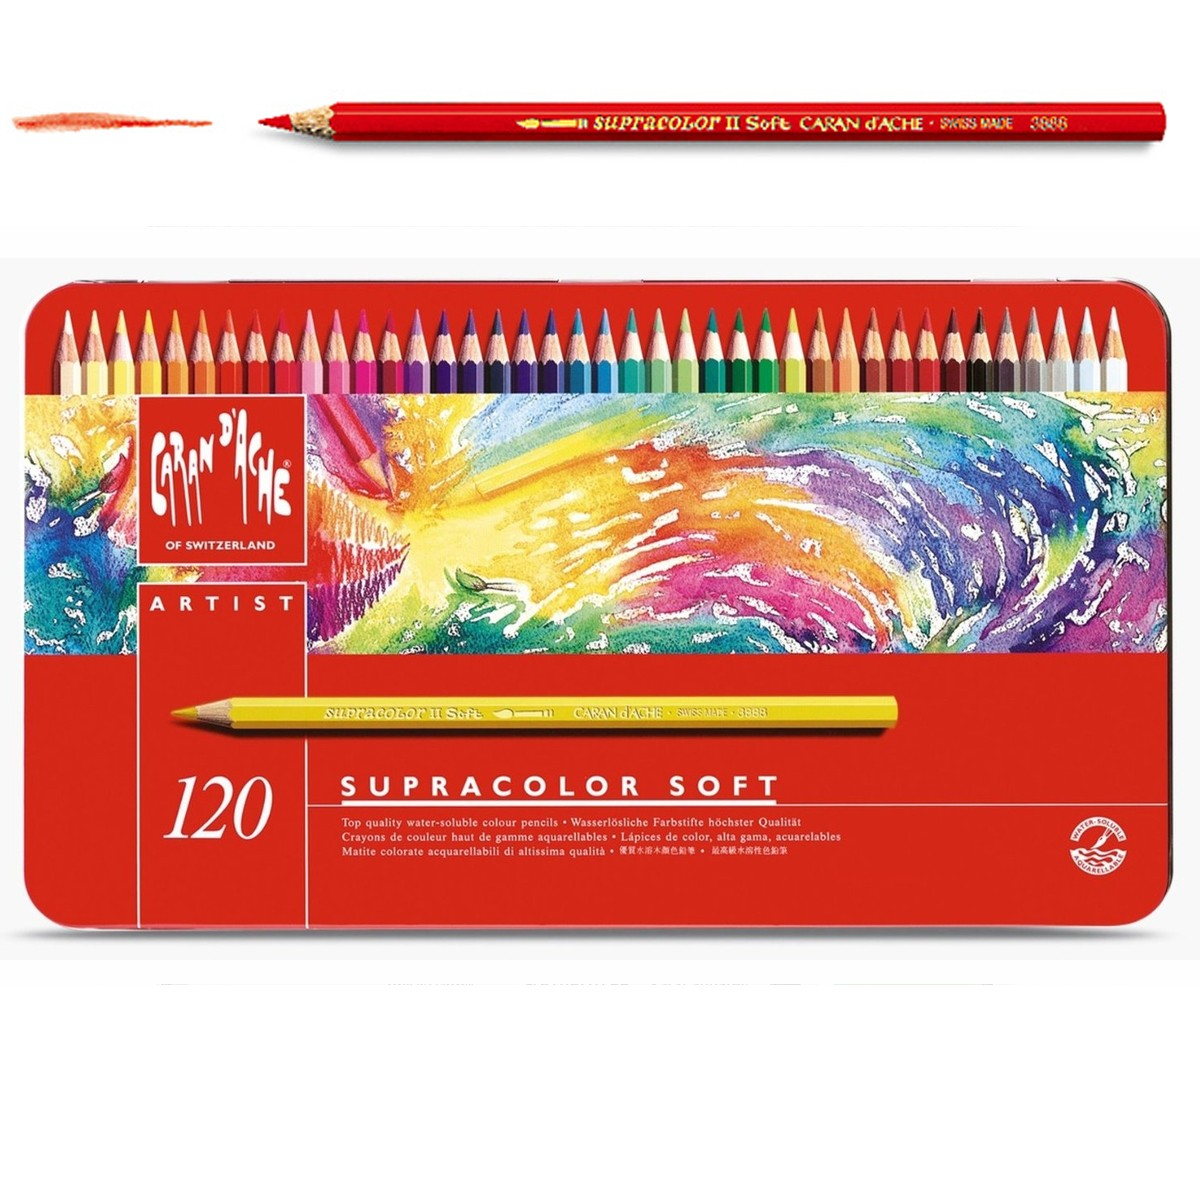 カランダッシュ アーチスト用 スプラカラーソフト 水彩色鉛筆 120色セット 缶入 【 デッサン スケッチ 絵画 水溶性 水彩 色鉛筆 色えんぴつ 】